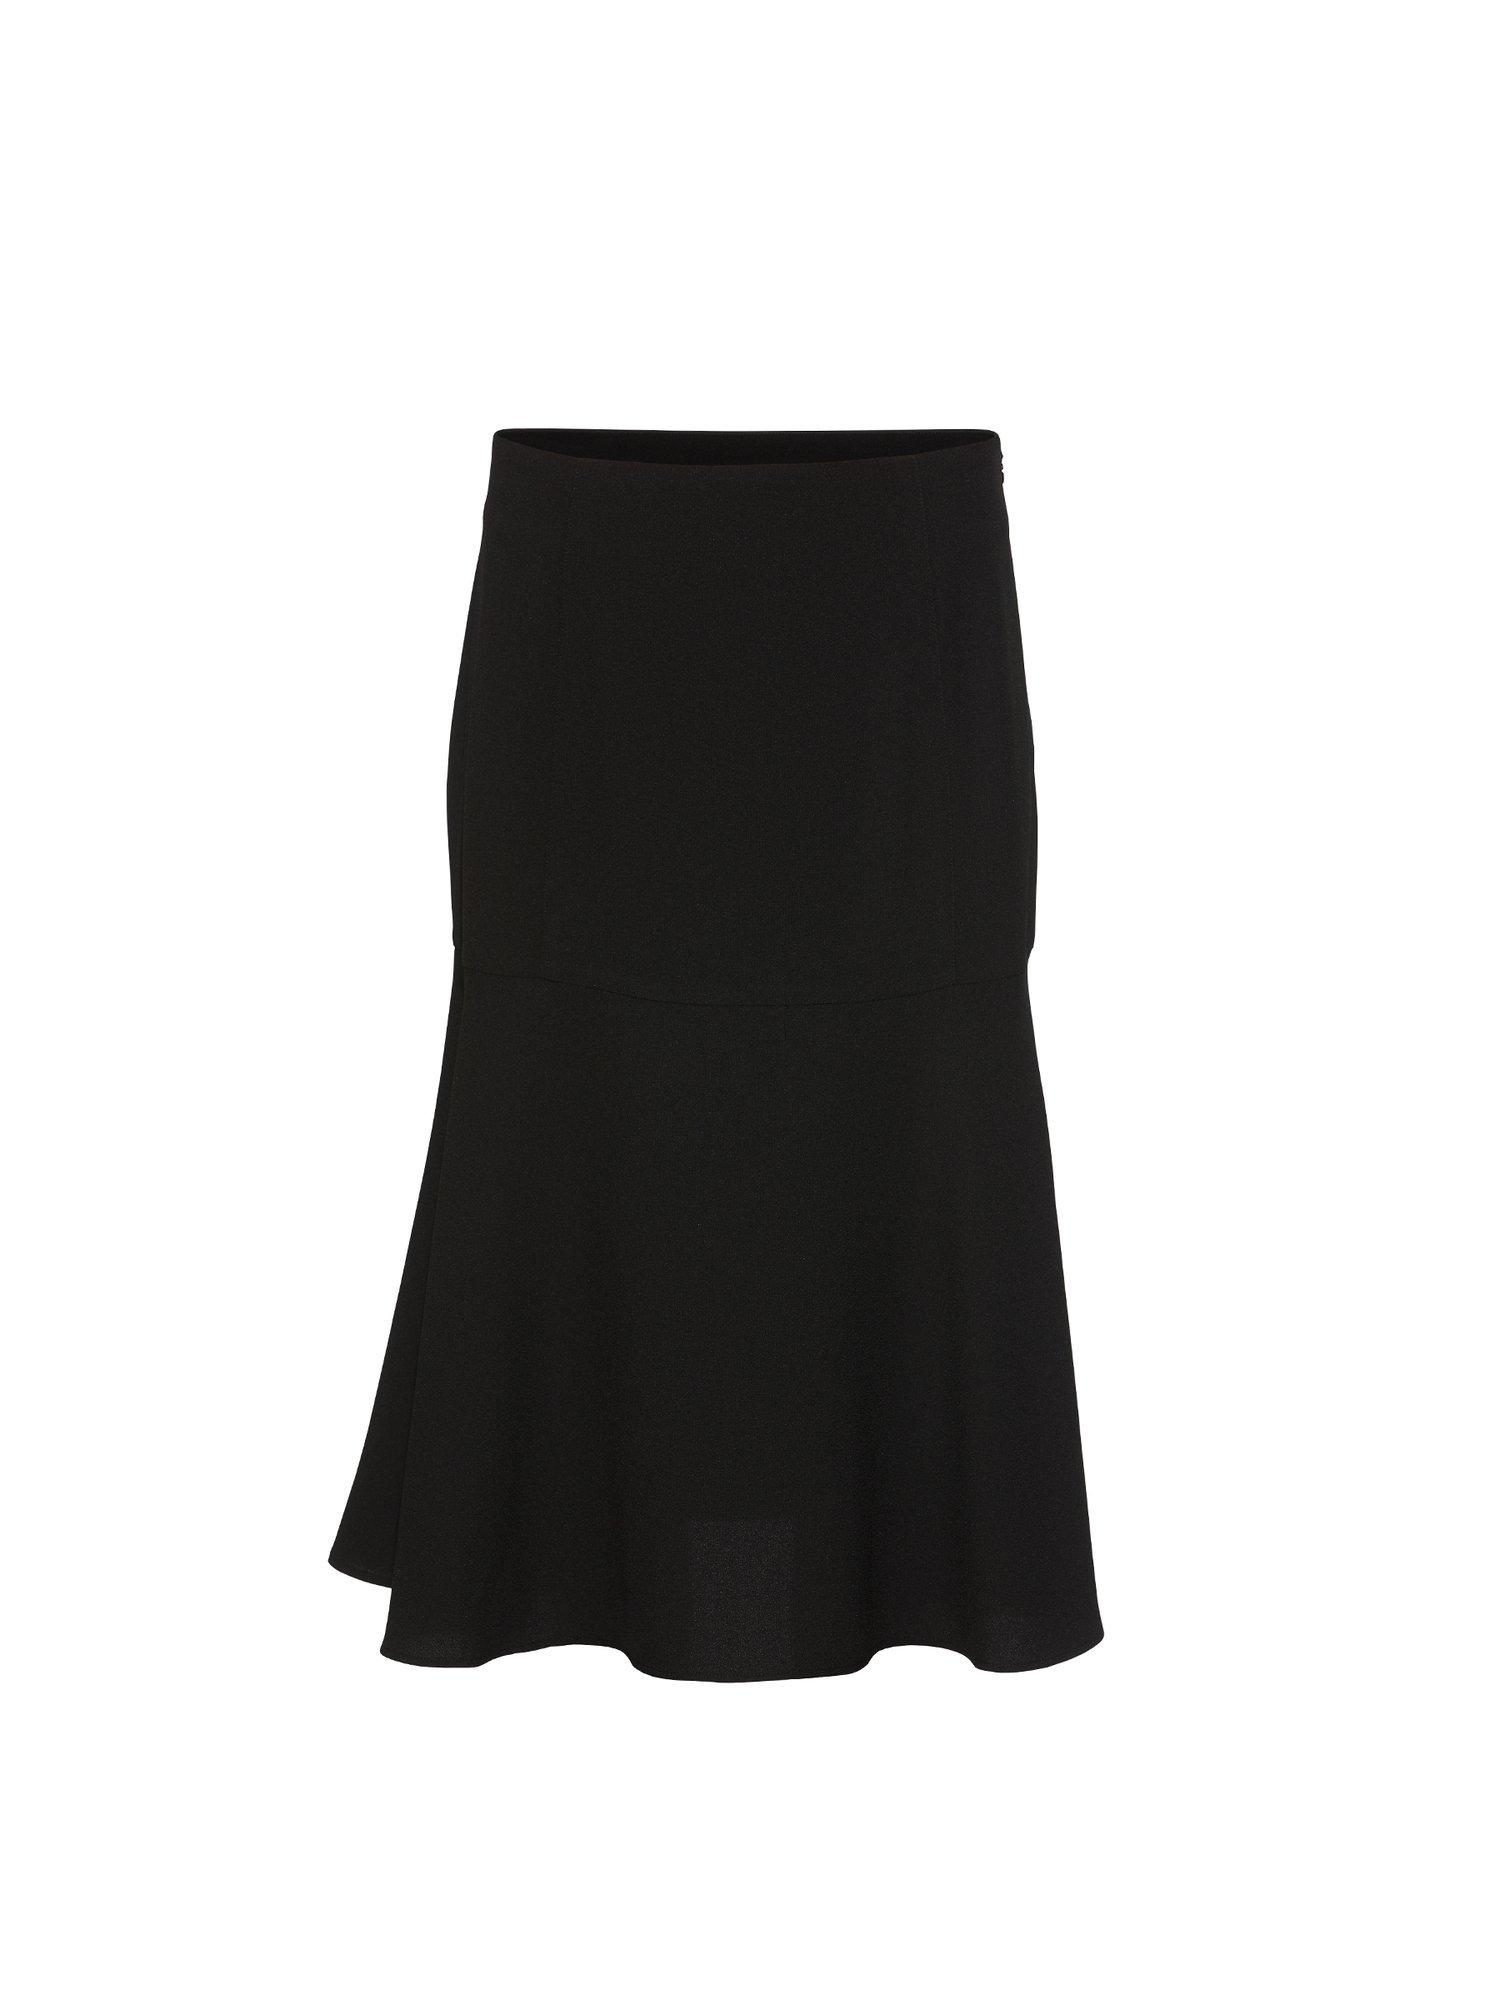 Heartmade/Julie Fagerholt Sira Skirt Black